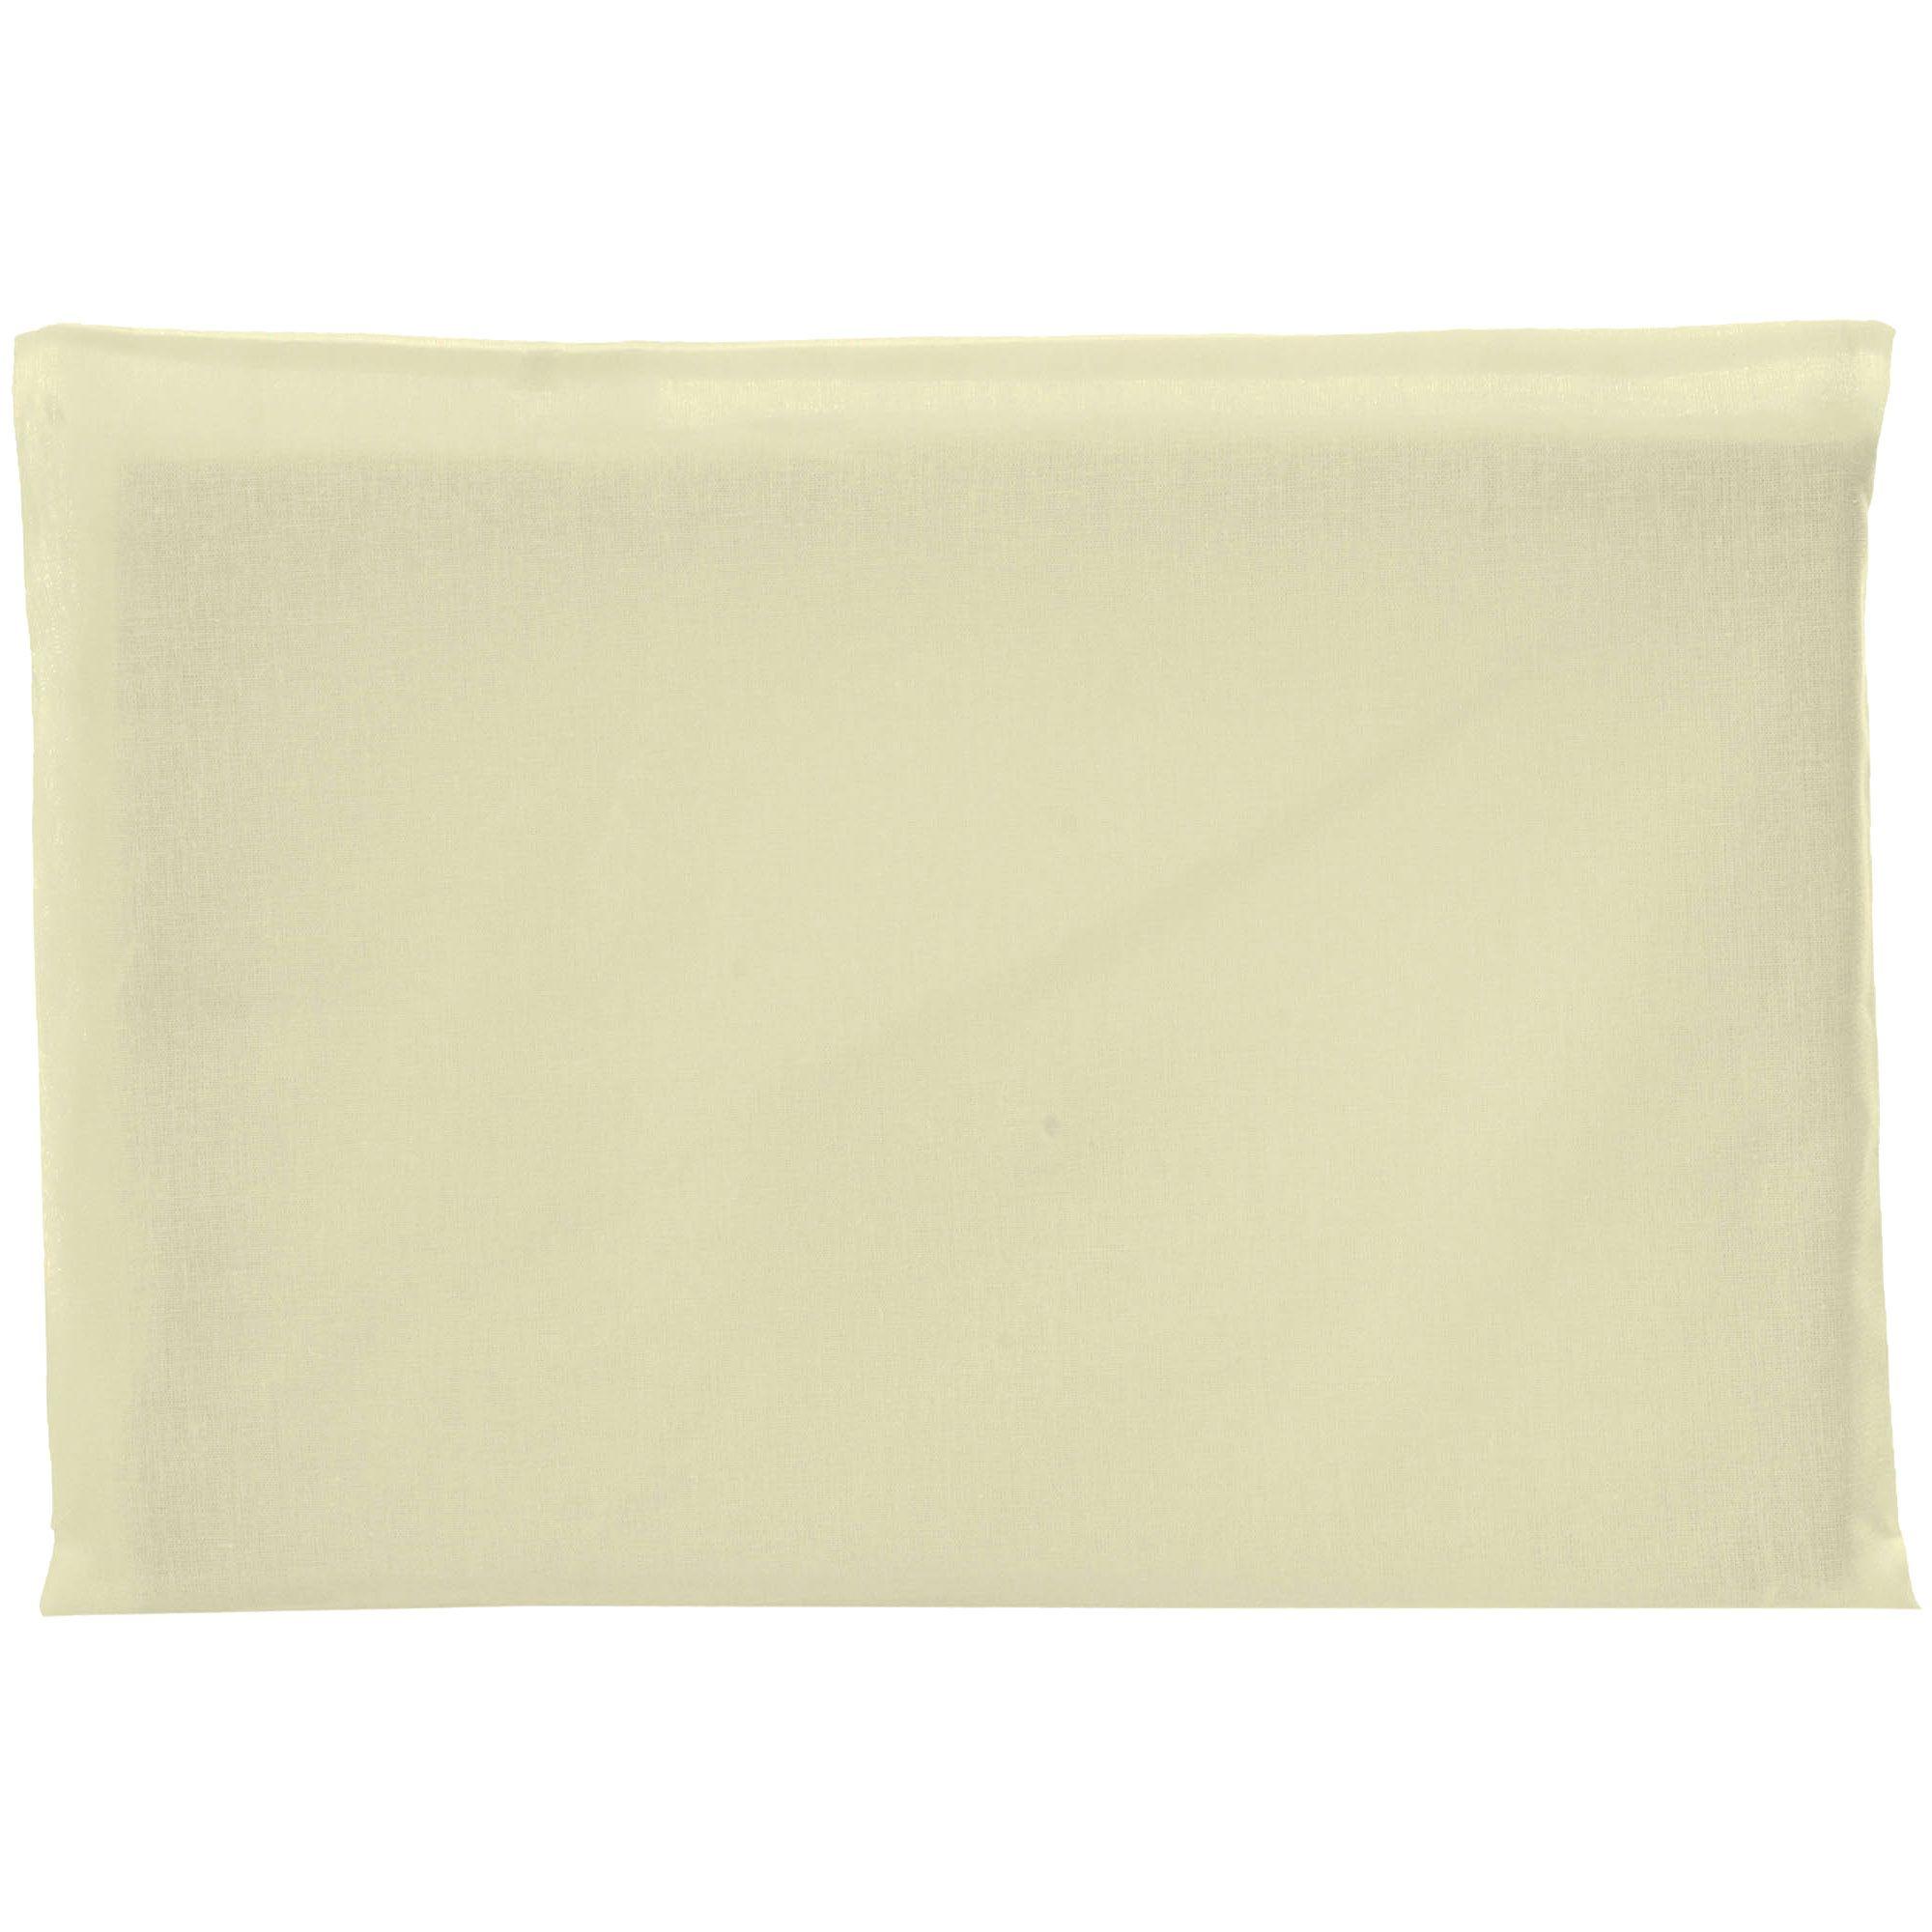 Travesseiro Antissufocante Incomfral Bambi - Liso - Amarelo Claro